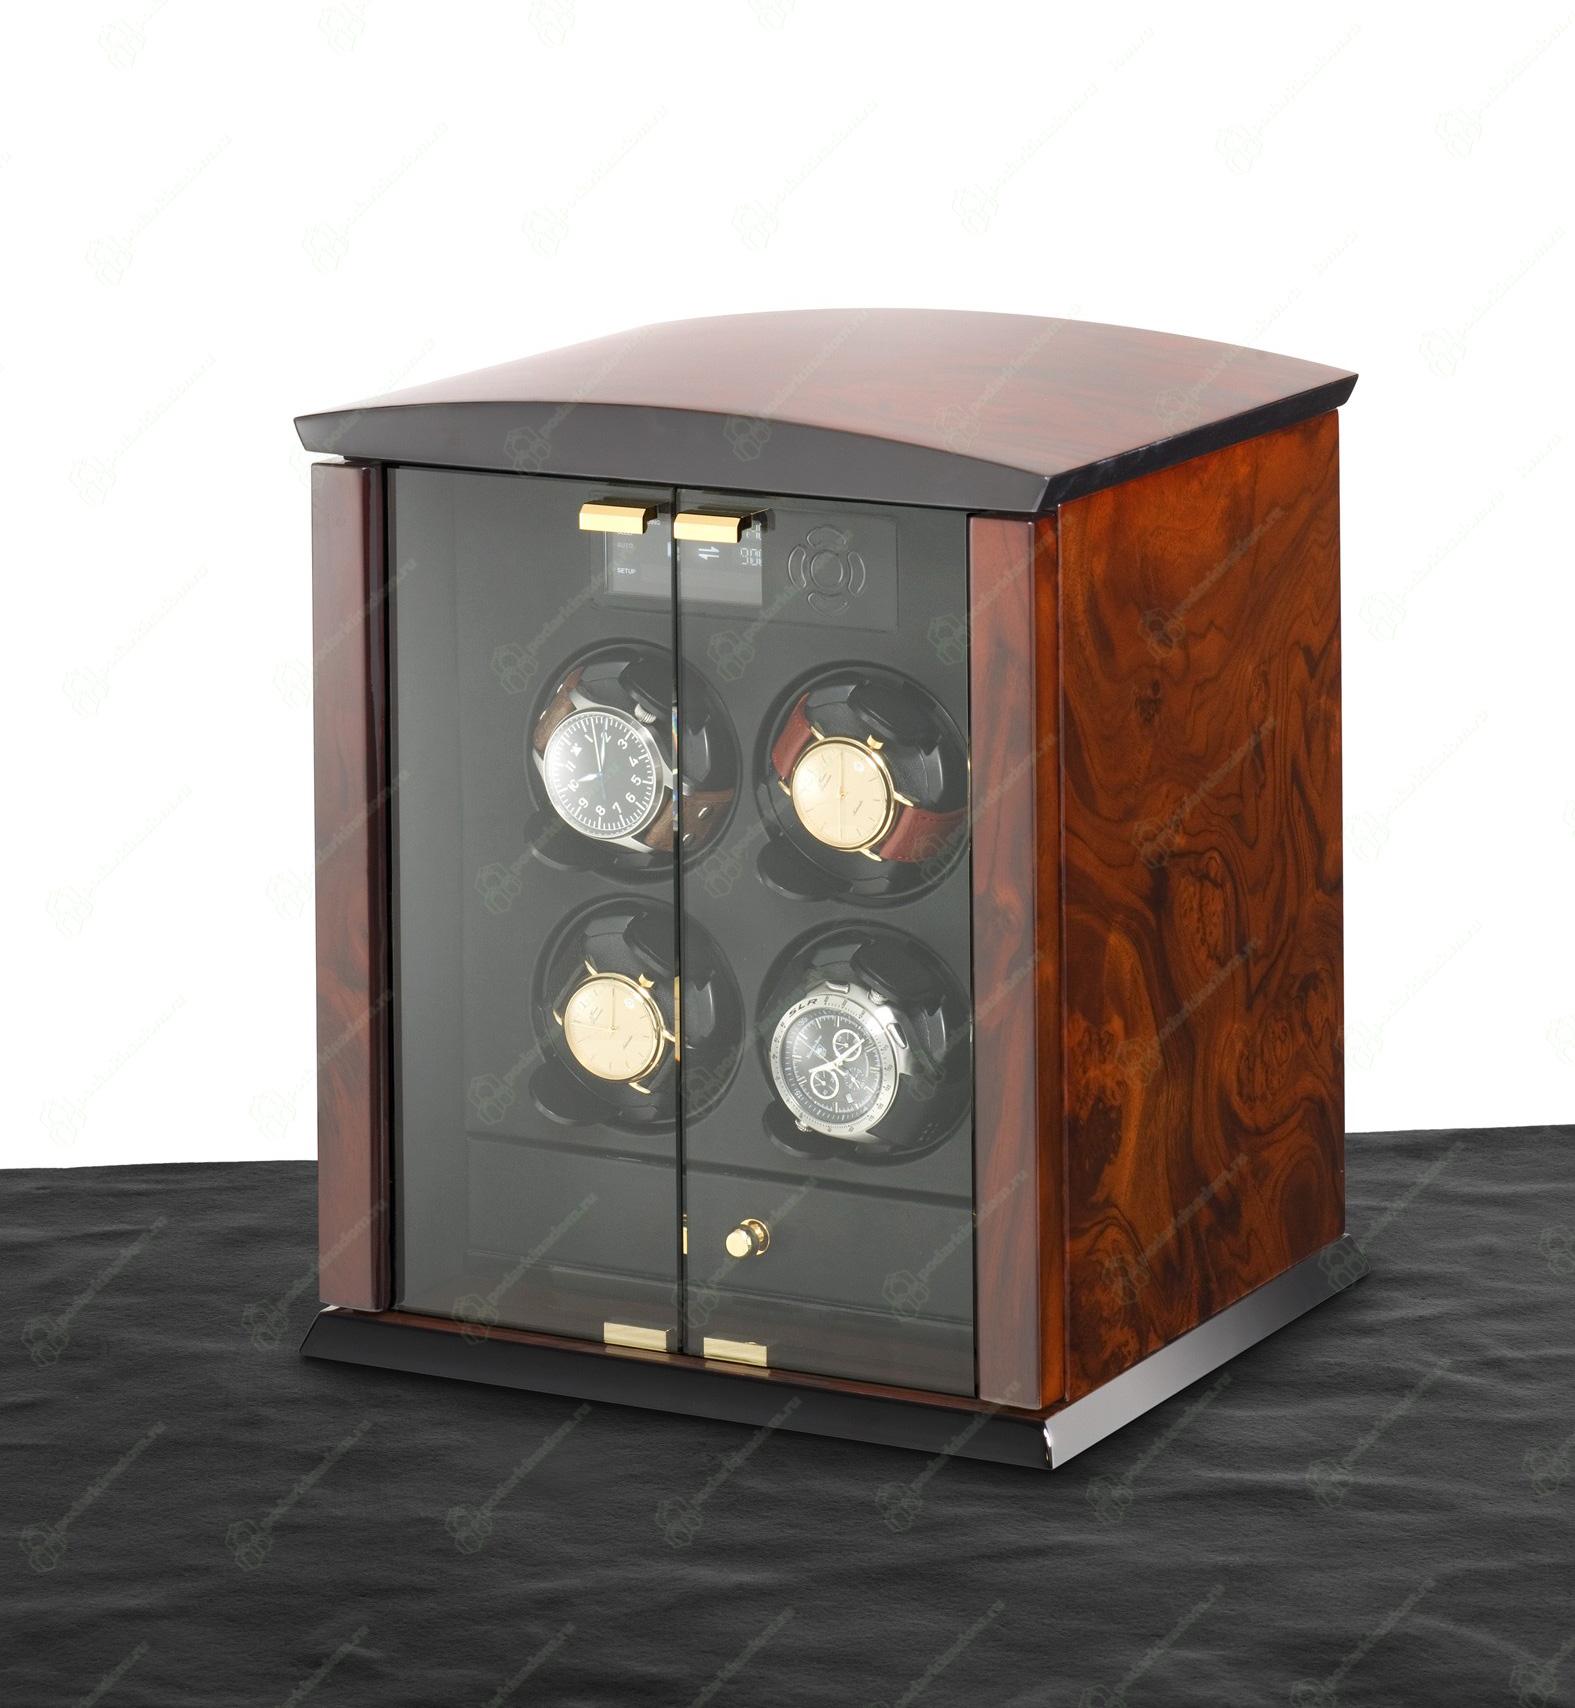 ELMA motion Corona 4 burlwood / glass doors Шкатулка для часов Elma Corona 4 из натурального дерева для завода автоматических часов.